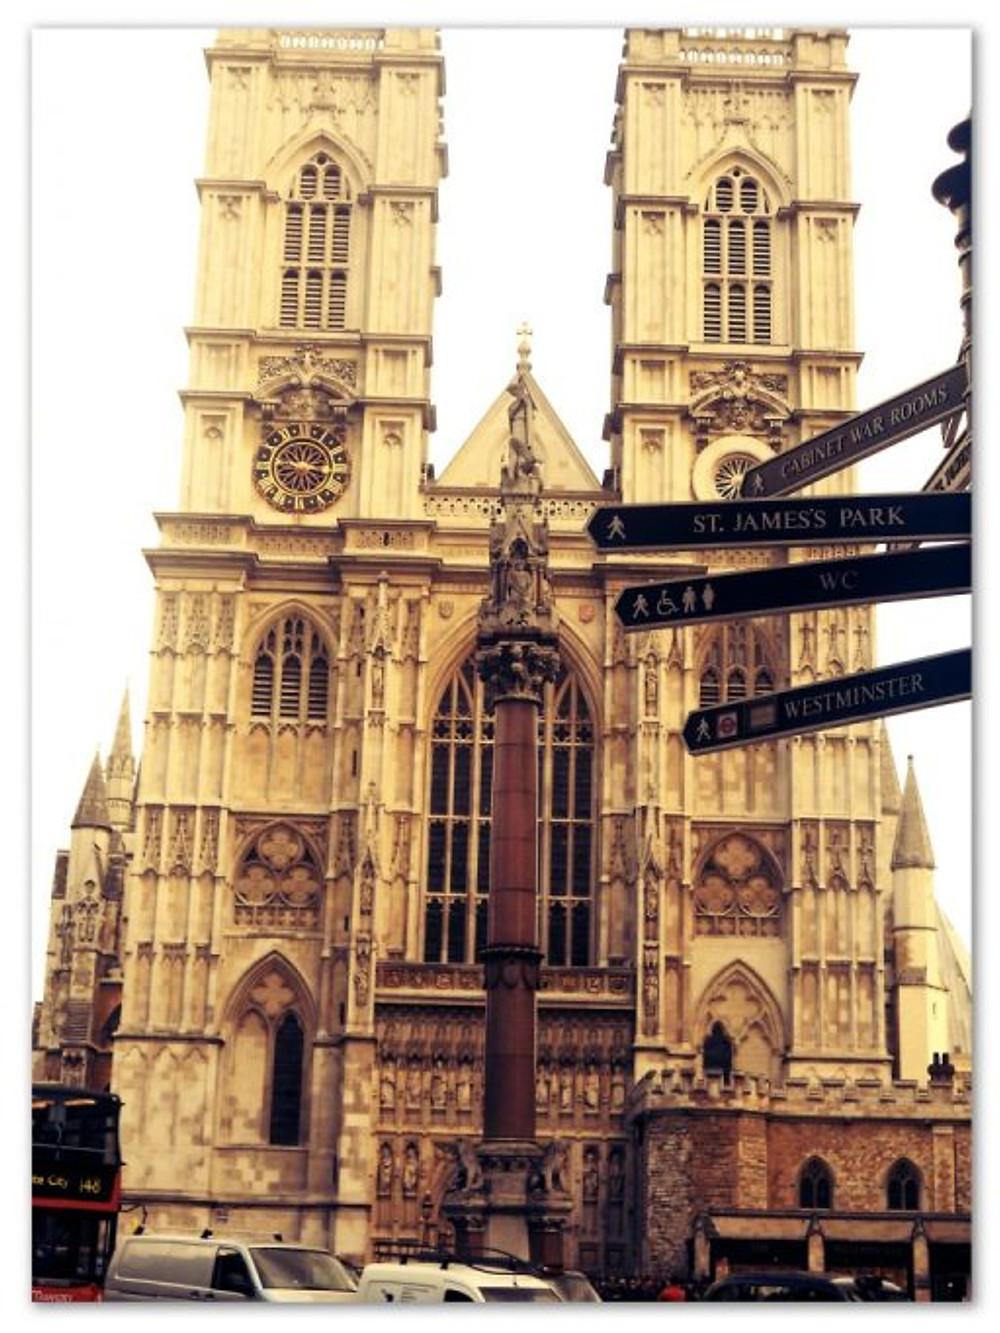 E um tesouro histórico: A Abadia de Westminster. (arquivo pessoal)